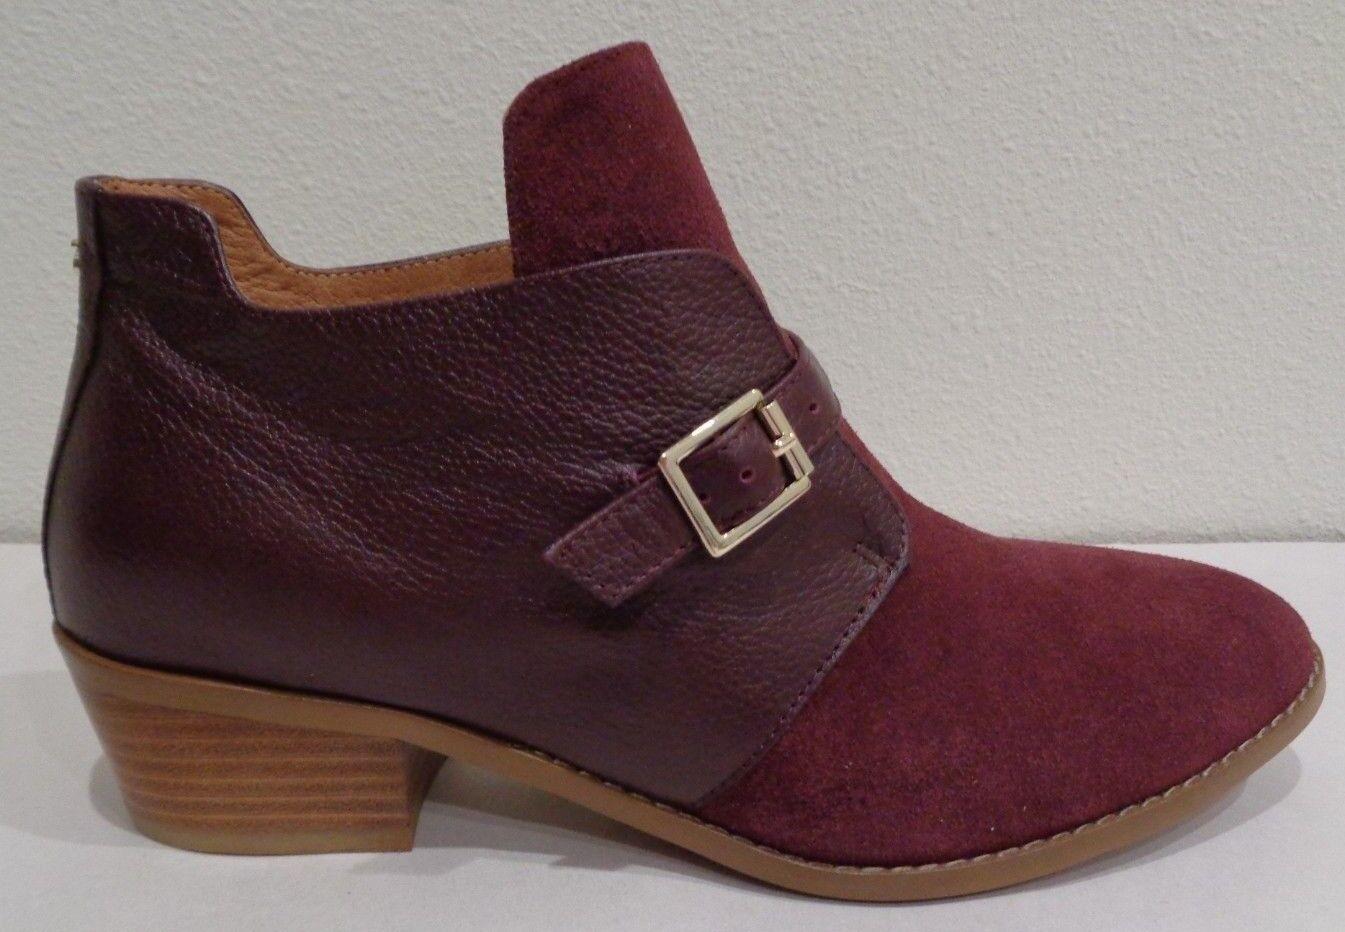 Yosi Samra Talla Talla Talla 8 Delancey Gamuza Cuero Puerto Leonado botas al Tobillo Zapatos para mujer Nuevo  punto de venta